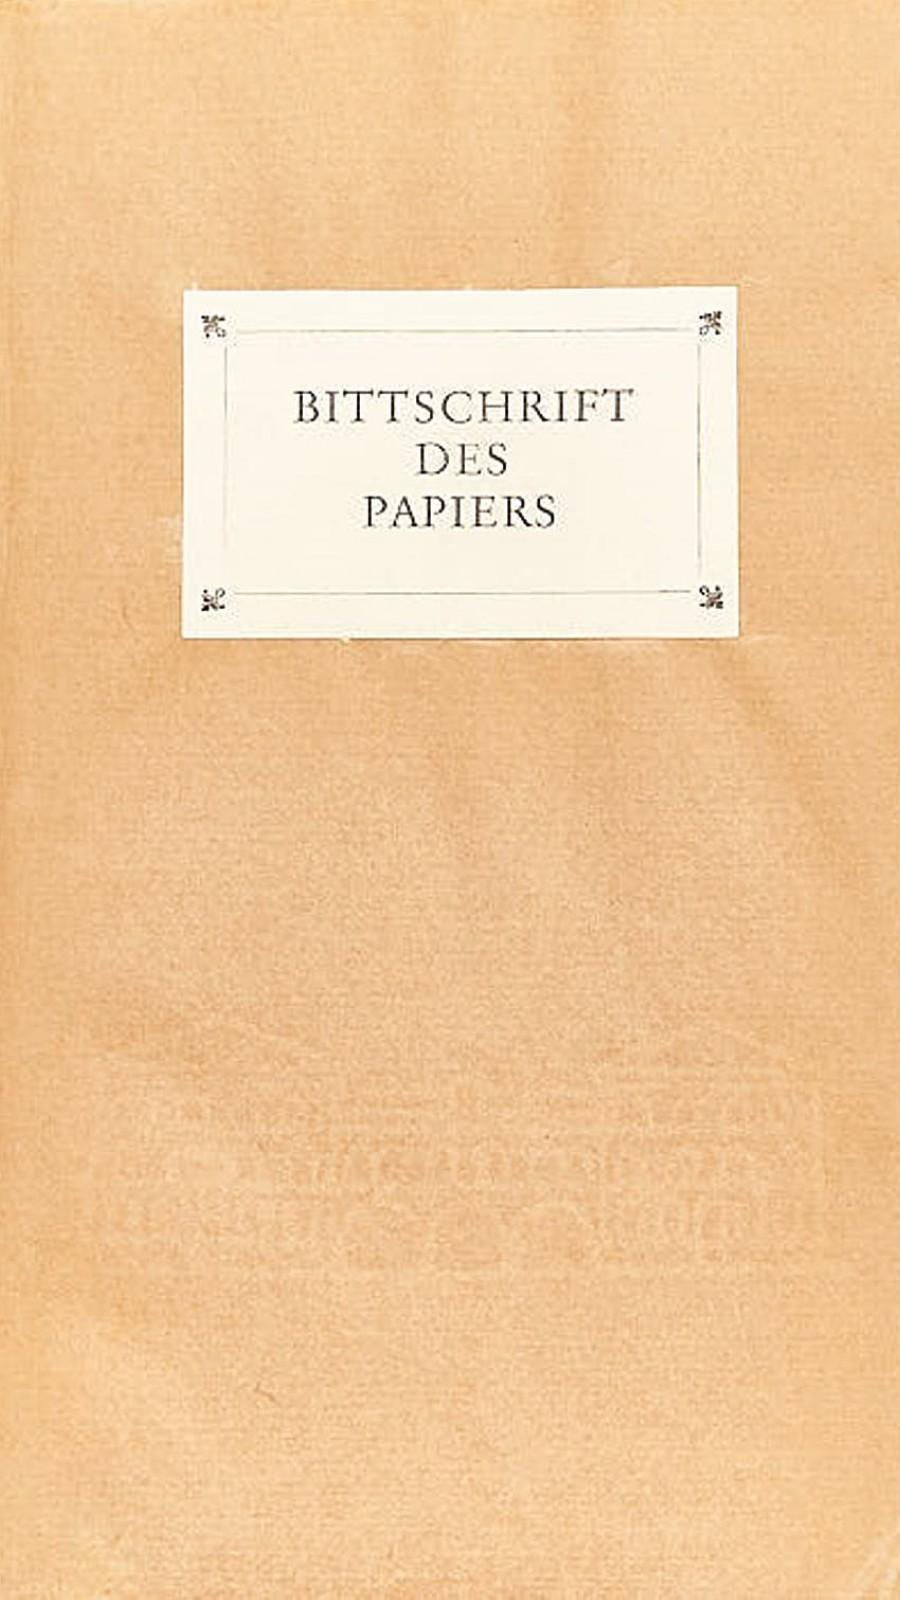 Bittschrift des Papiers